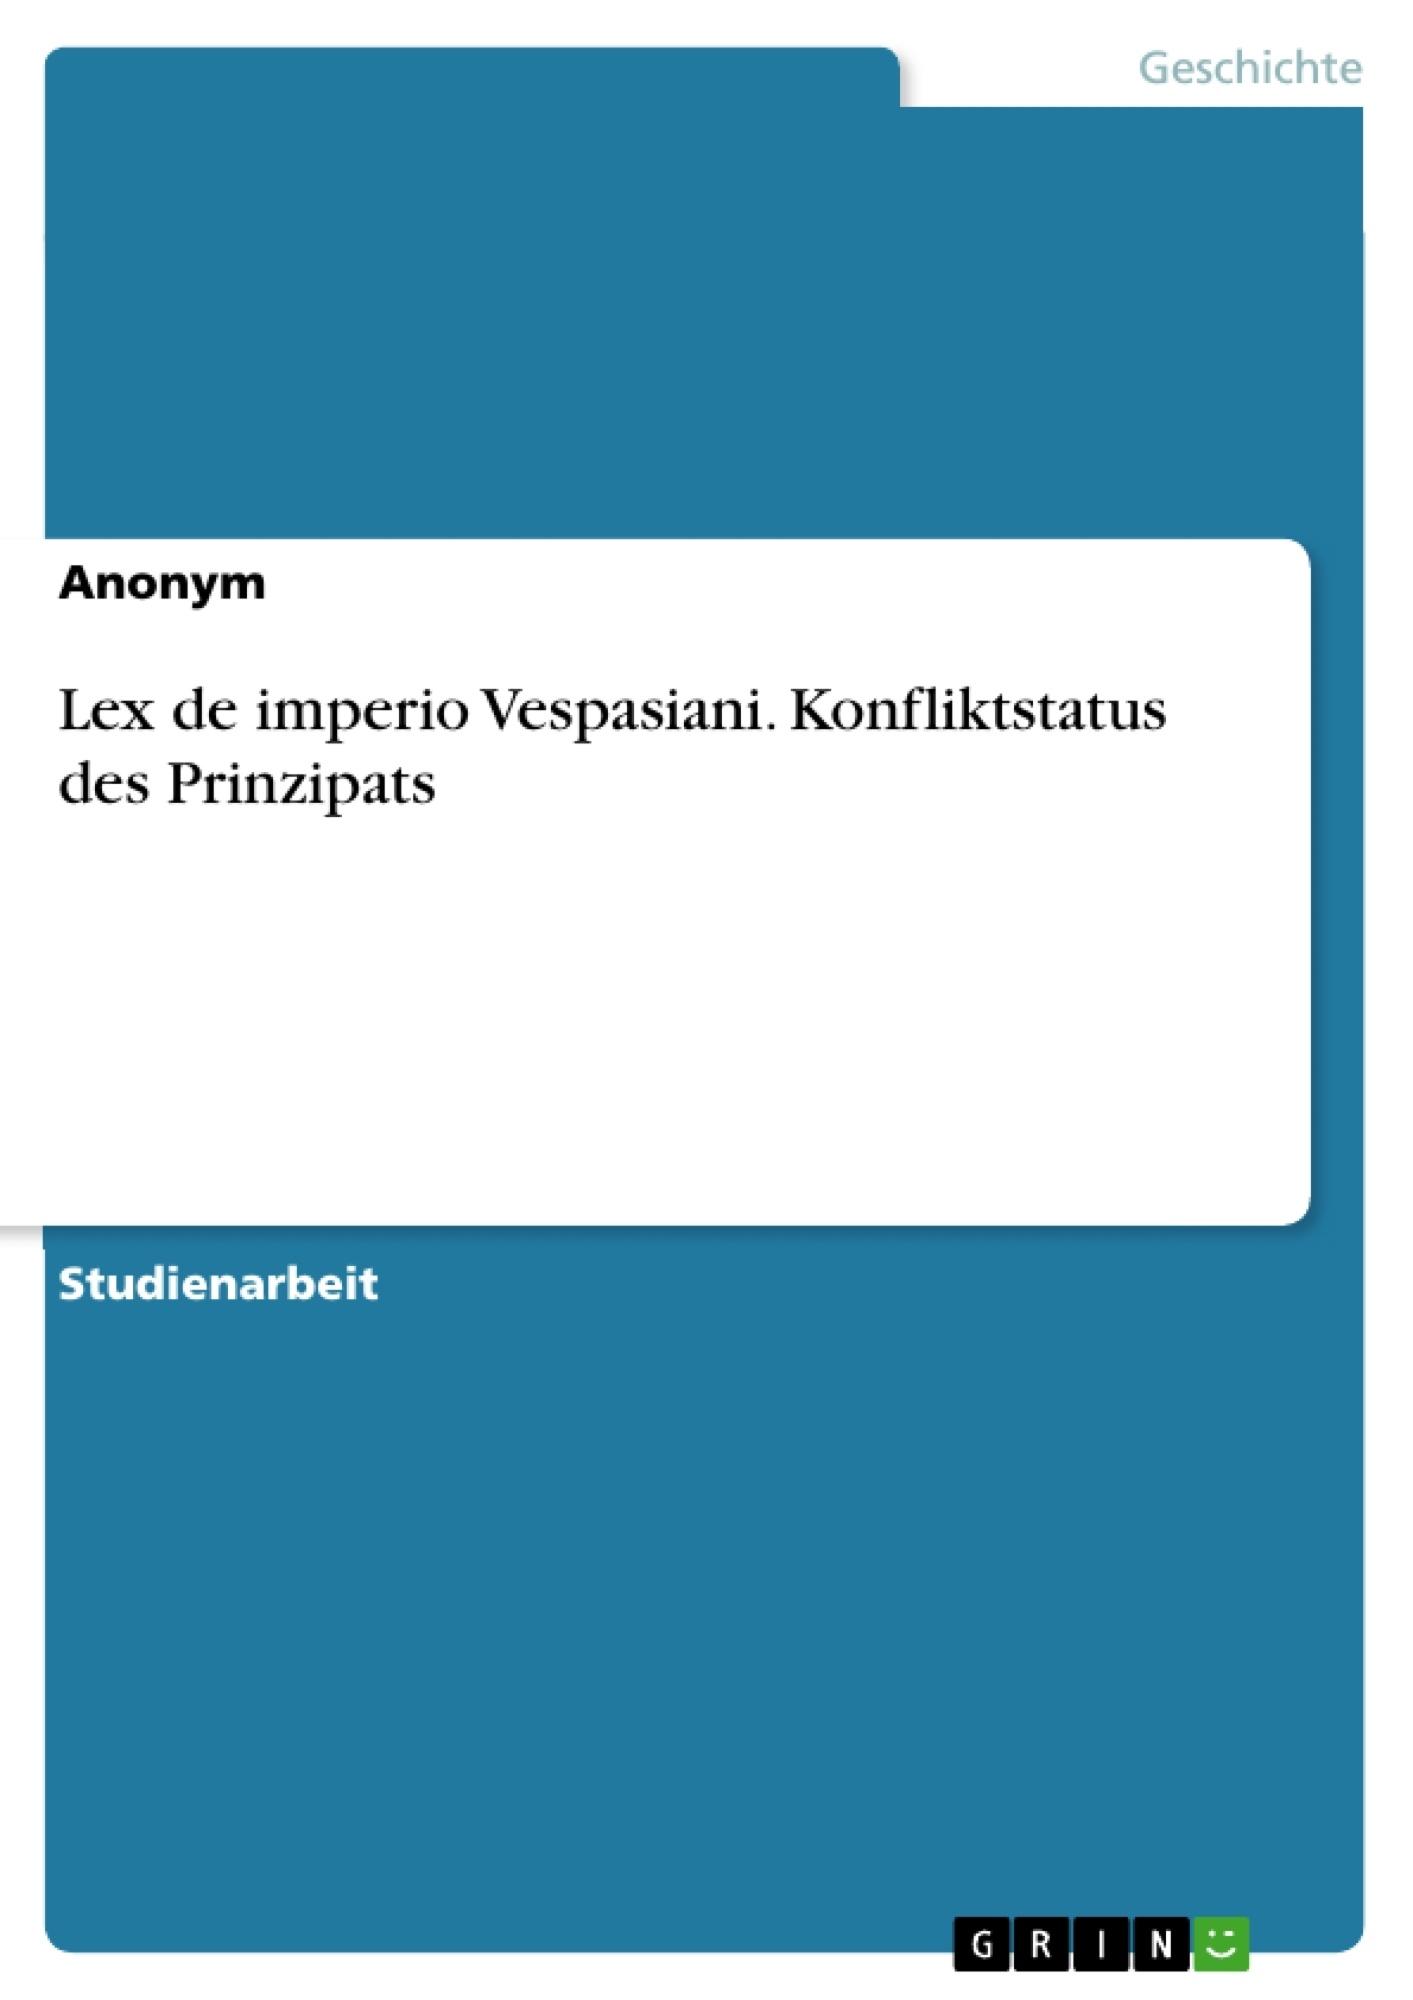 Titel: Lex de imperio Vespasiani. Konfliktstatus des Prinzipats